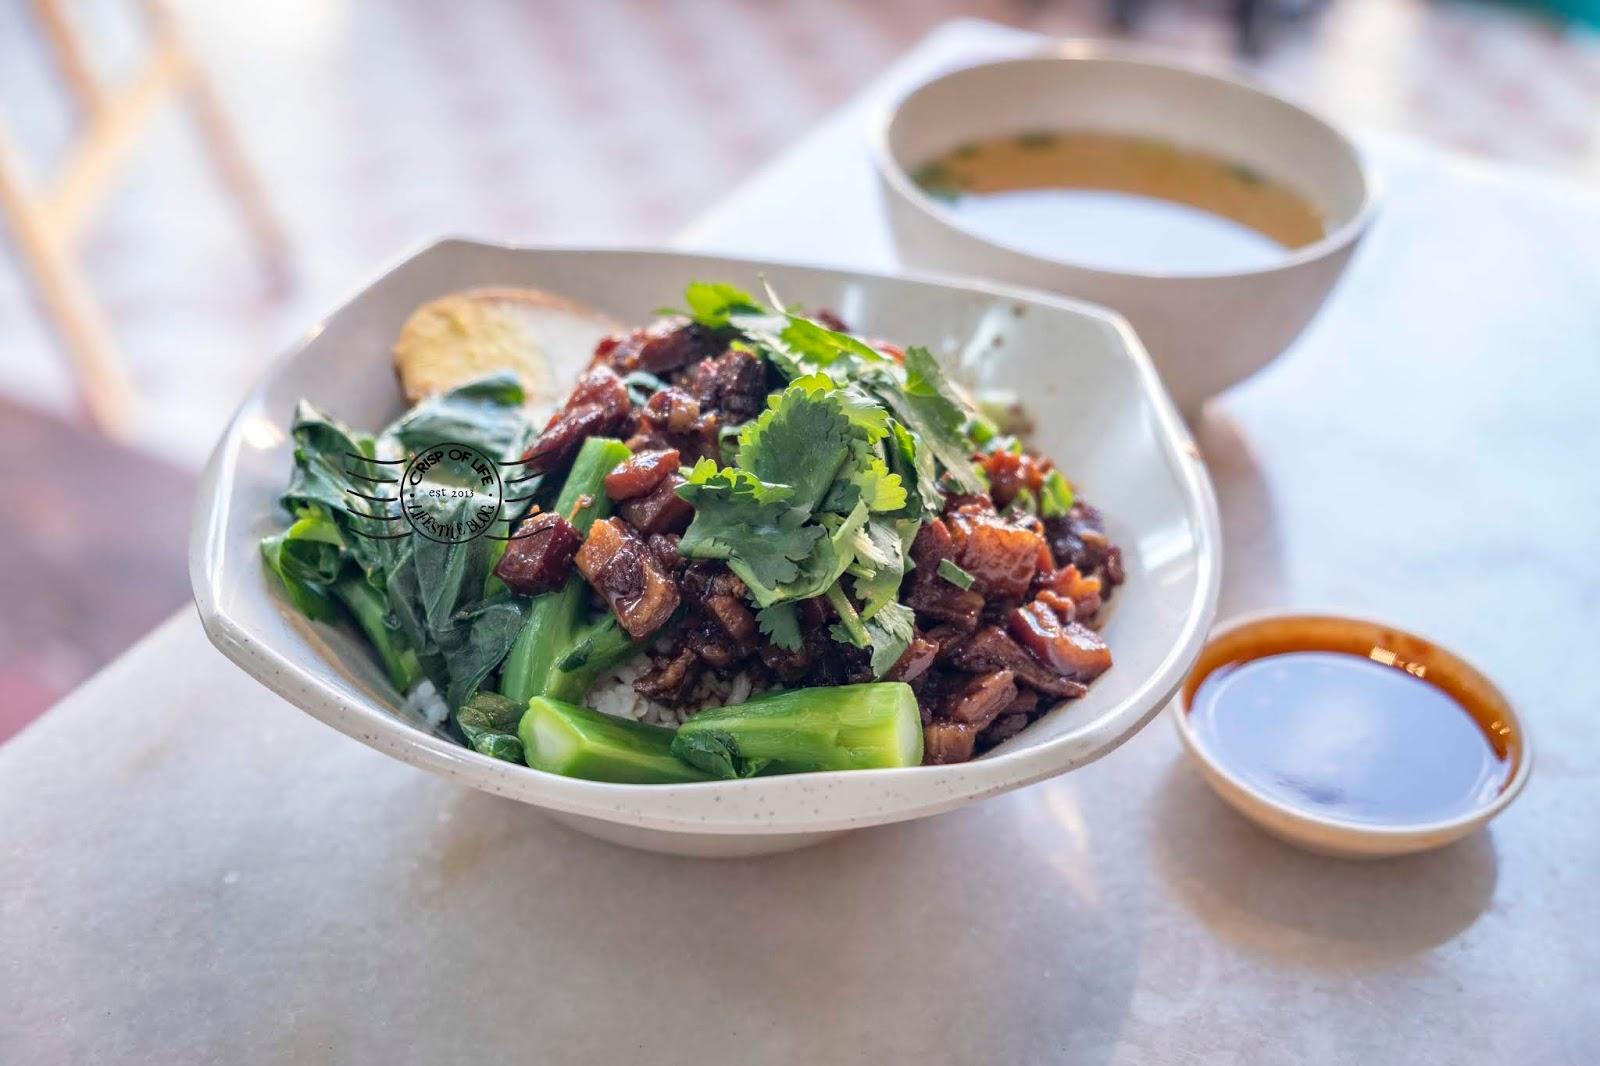 黎记汕头街云吞面 Loy Kee Wanton Noodles @ Lebuh Kimberly, Penang